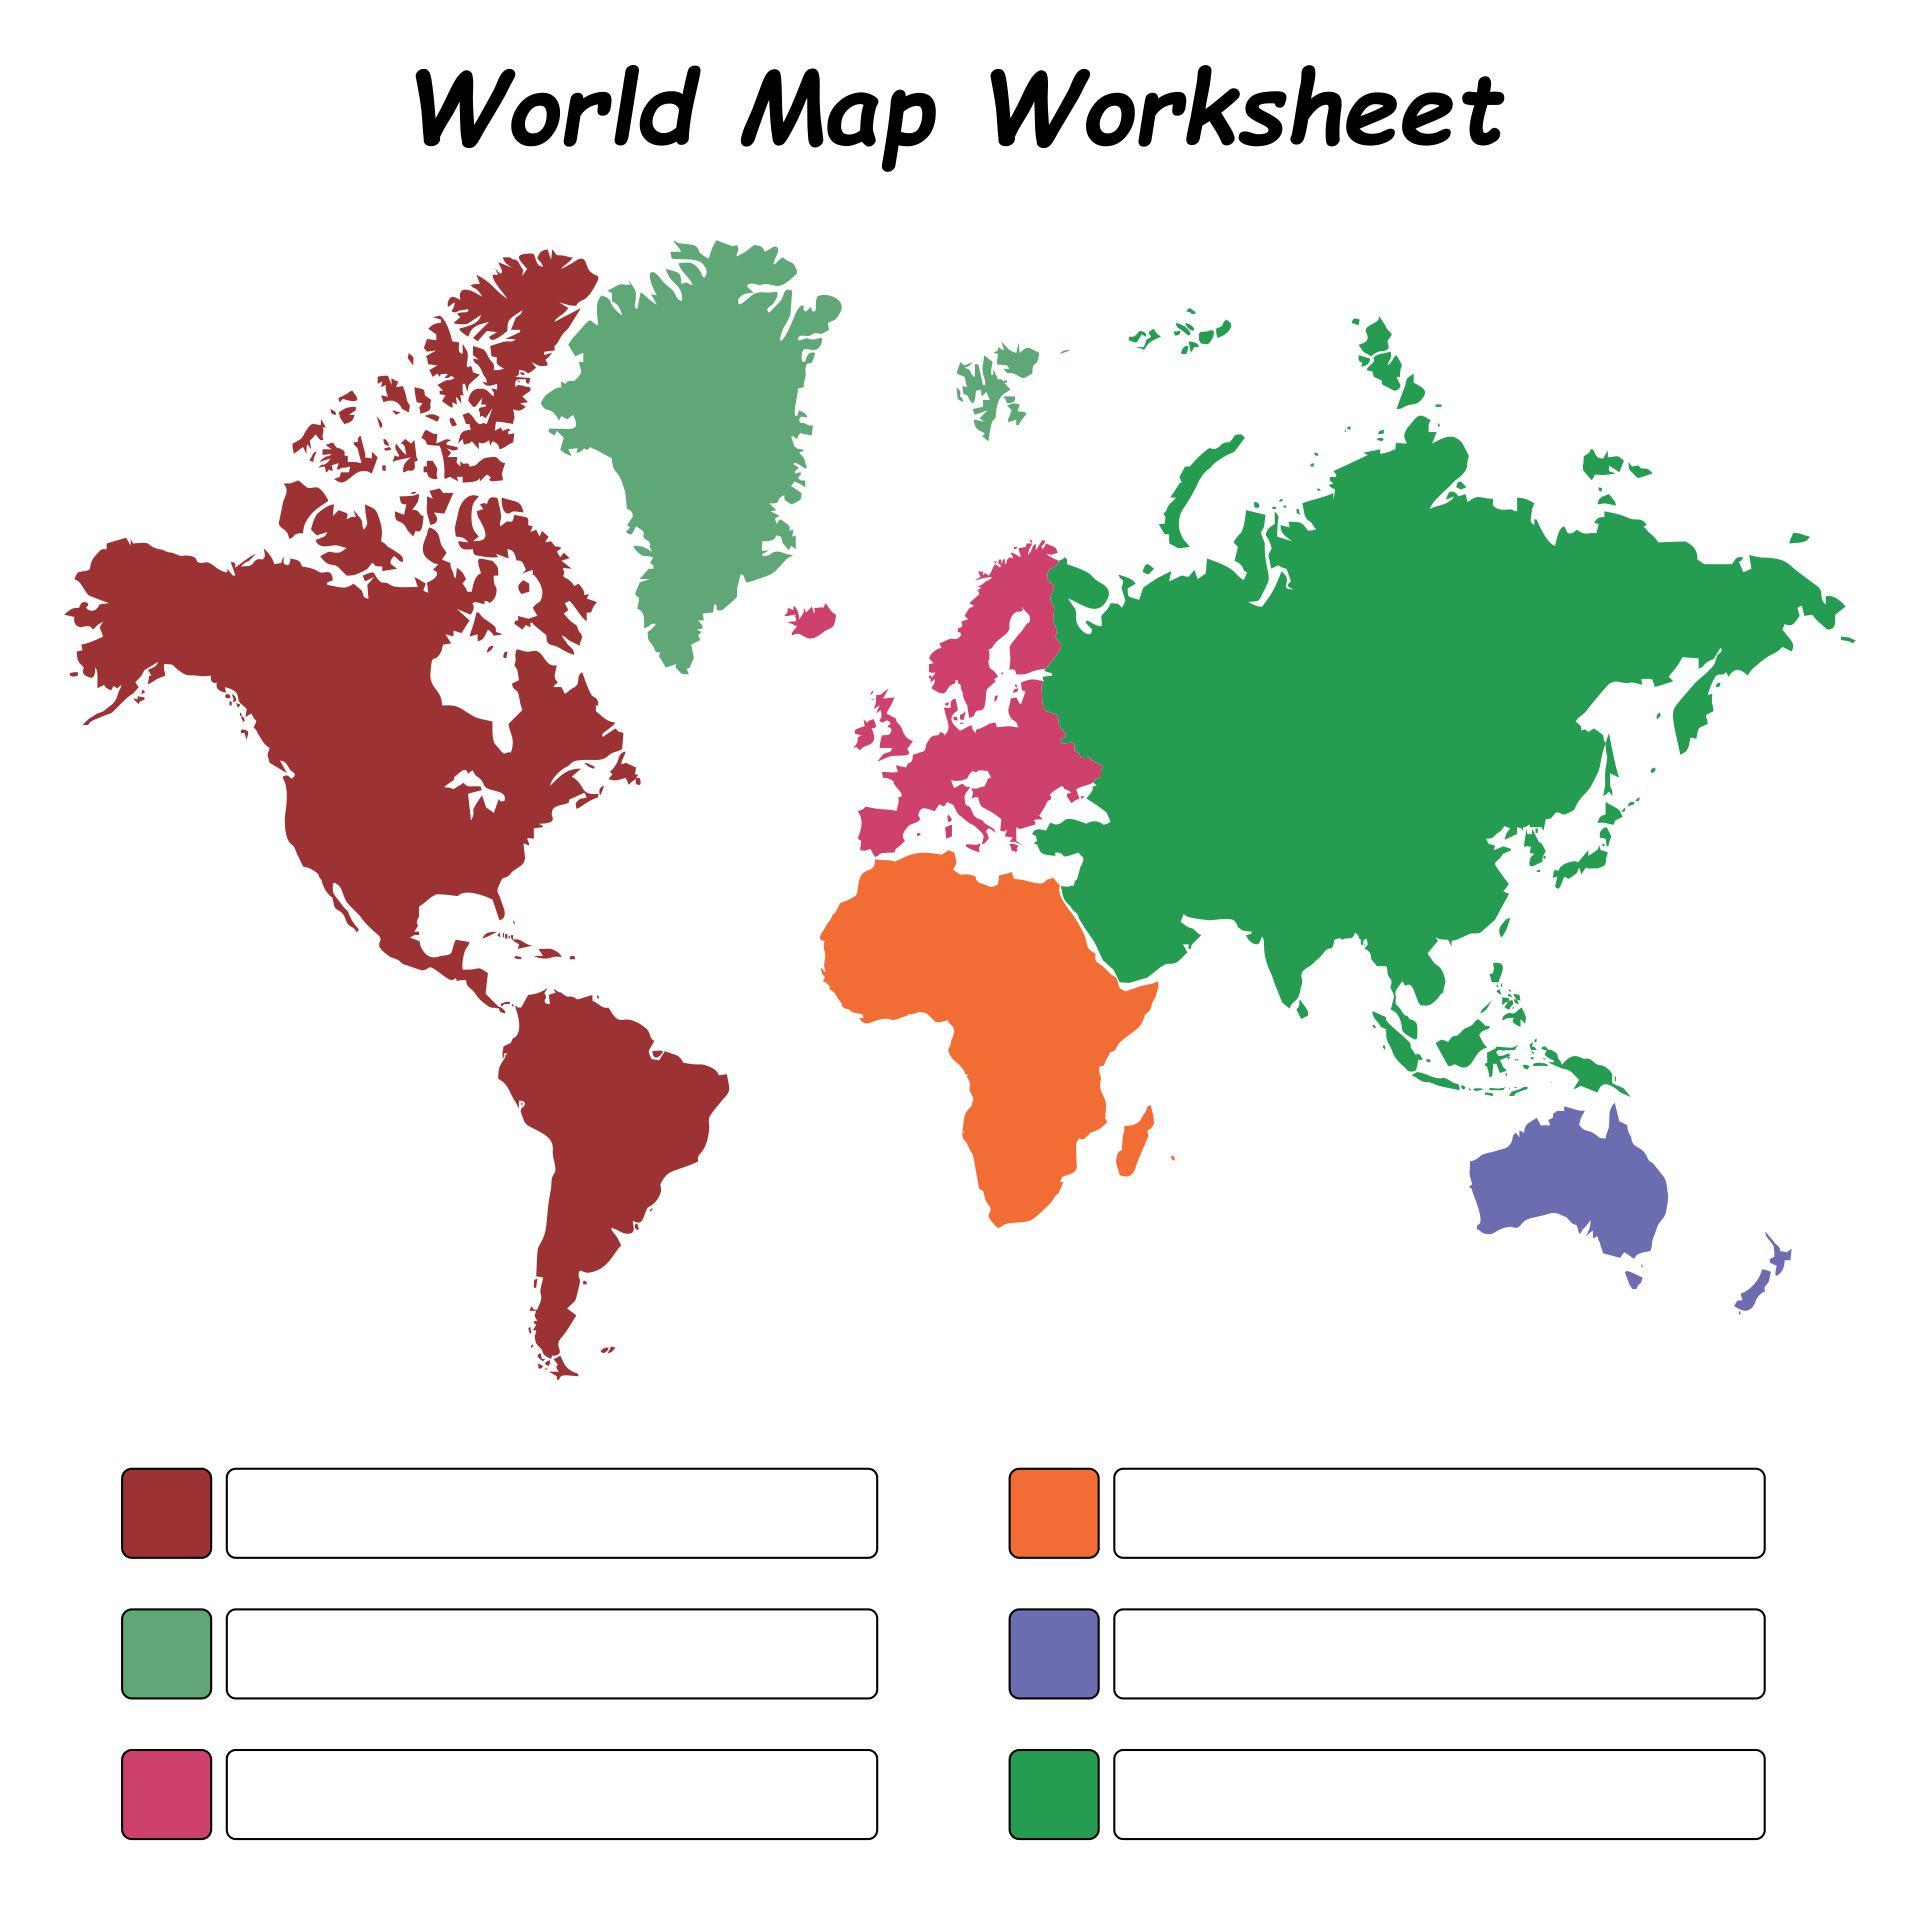 World Map Worksheet Pdf